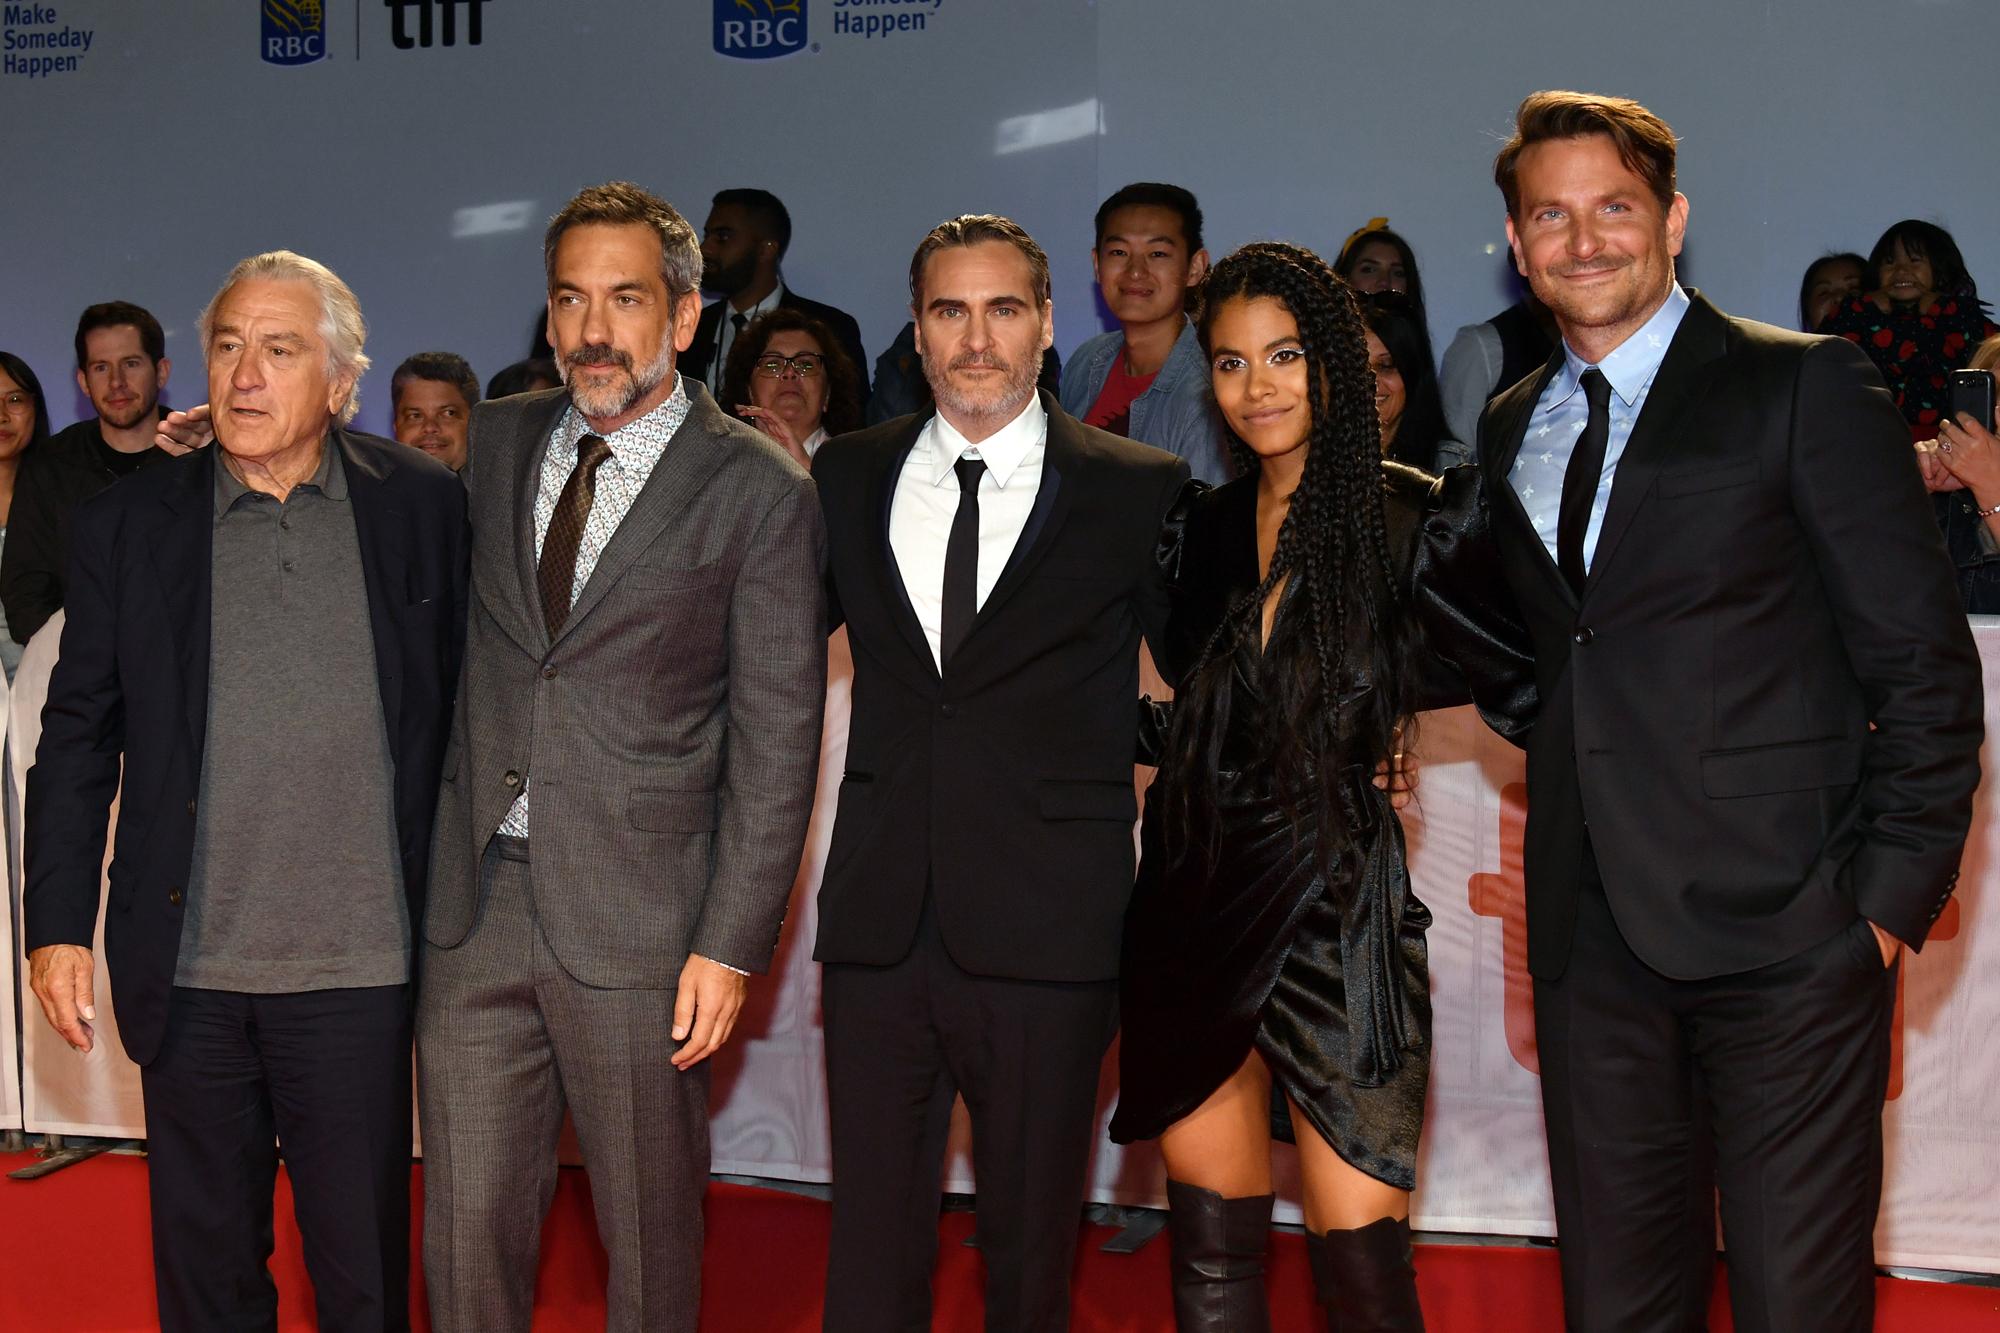 Robert De Niro, Todd Phillips, Joaquin Phoenix, Zazie Beetz and Bradley Cooper